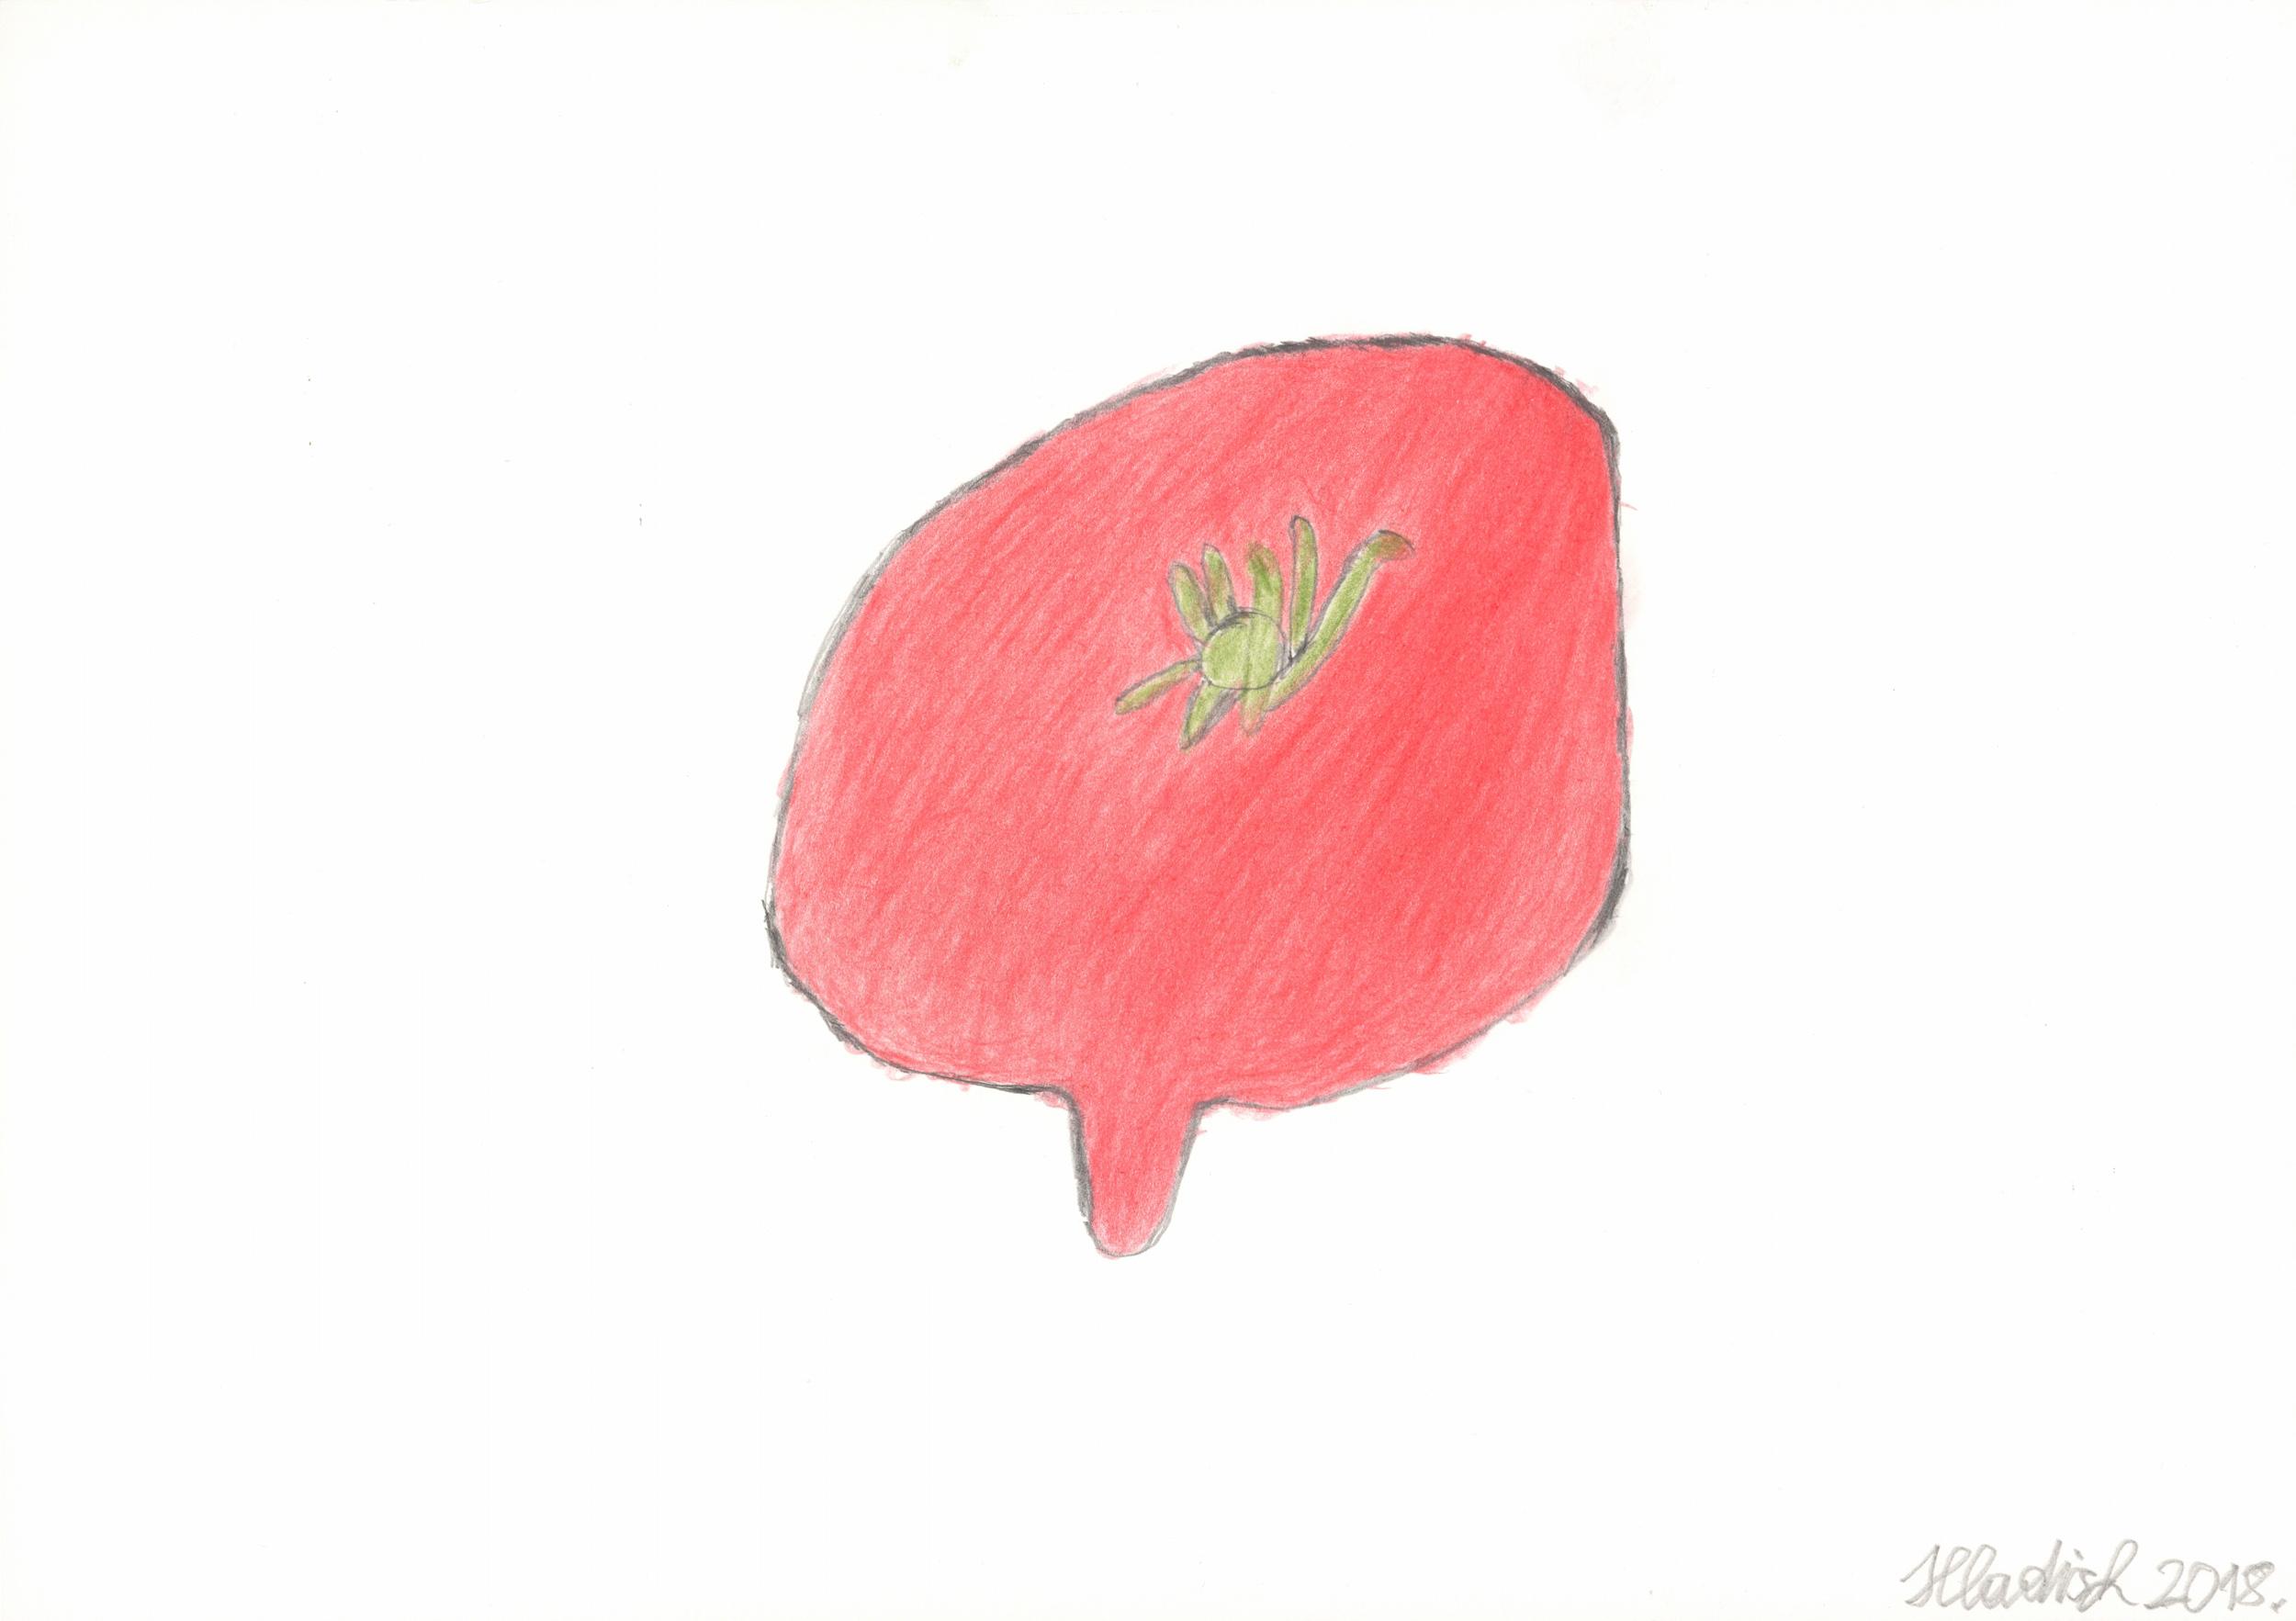 hladisch helmut - Tomate / Tomato